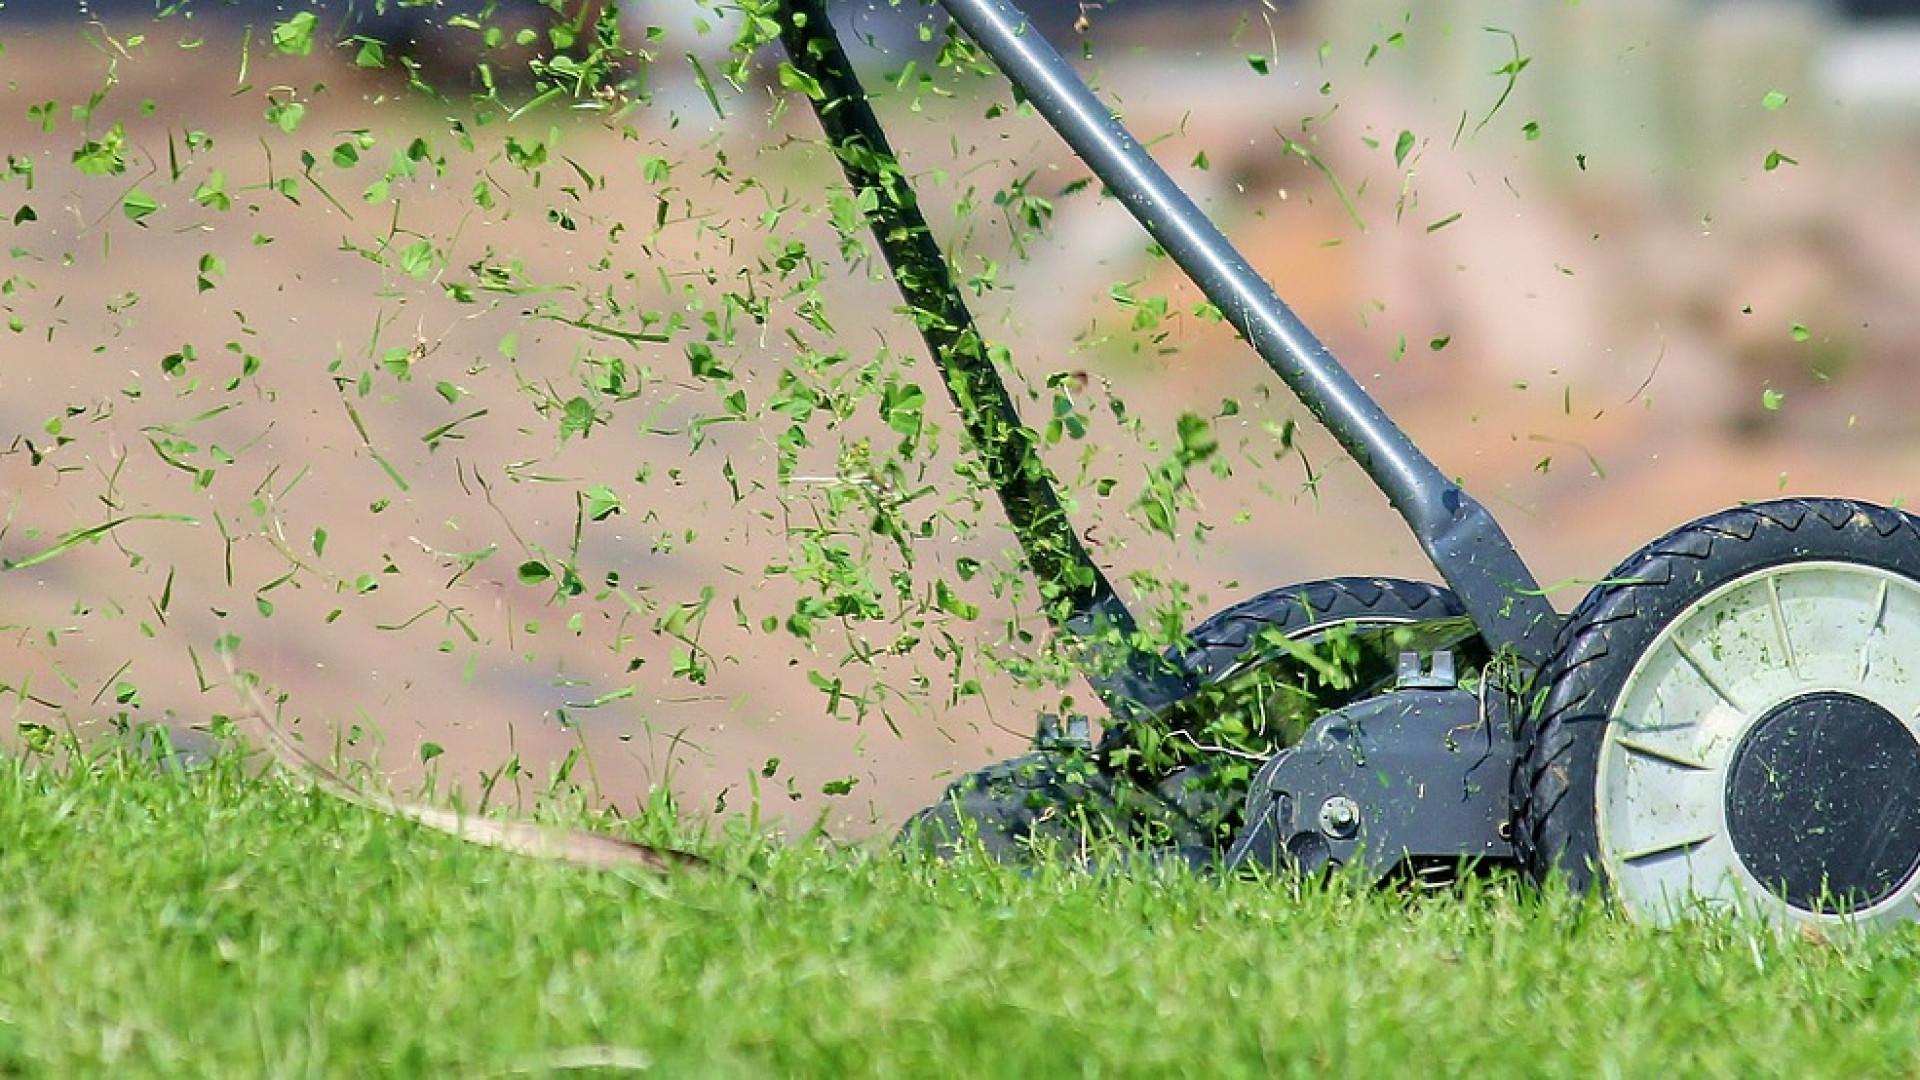 Le gazon de placage un bon plan pour un jardin facile obonplan - Semer gazon sans rouleau ...